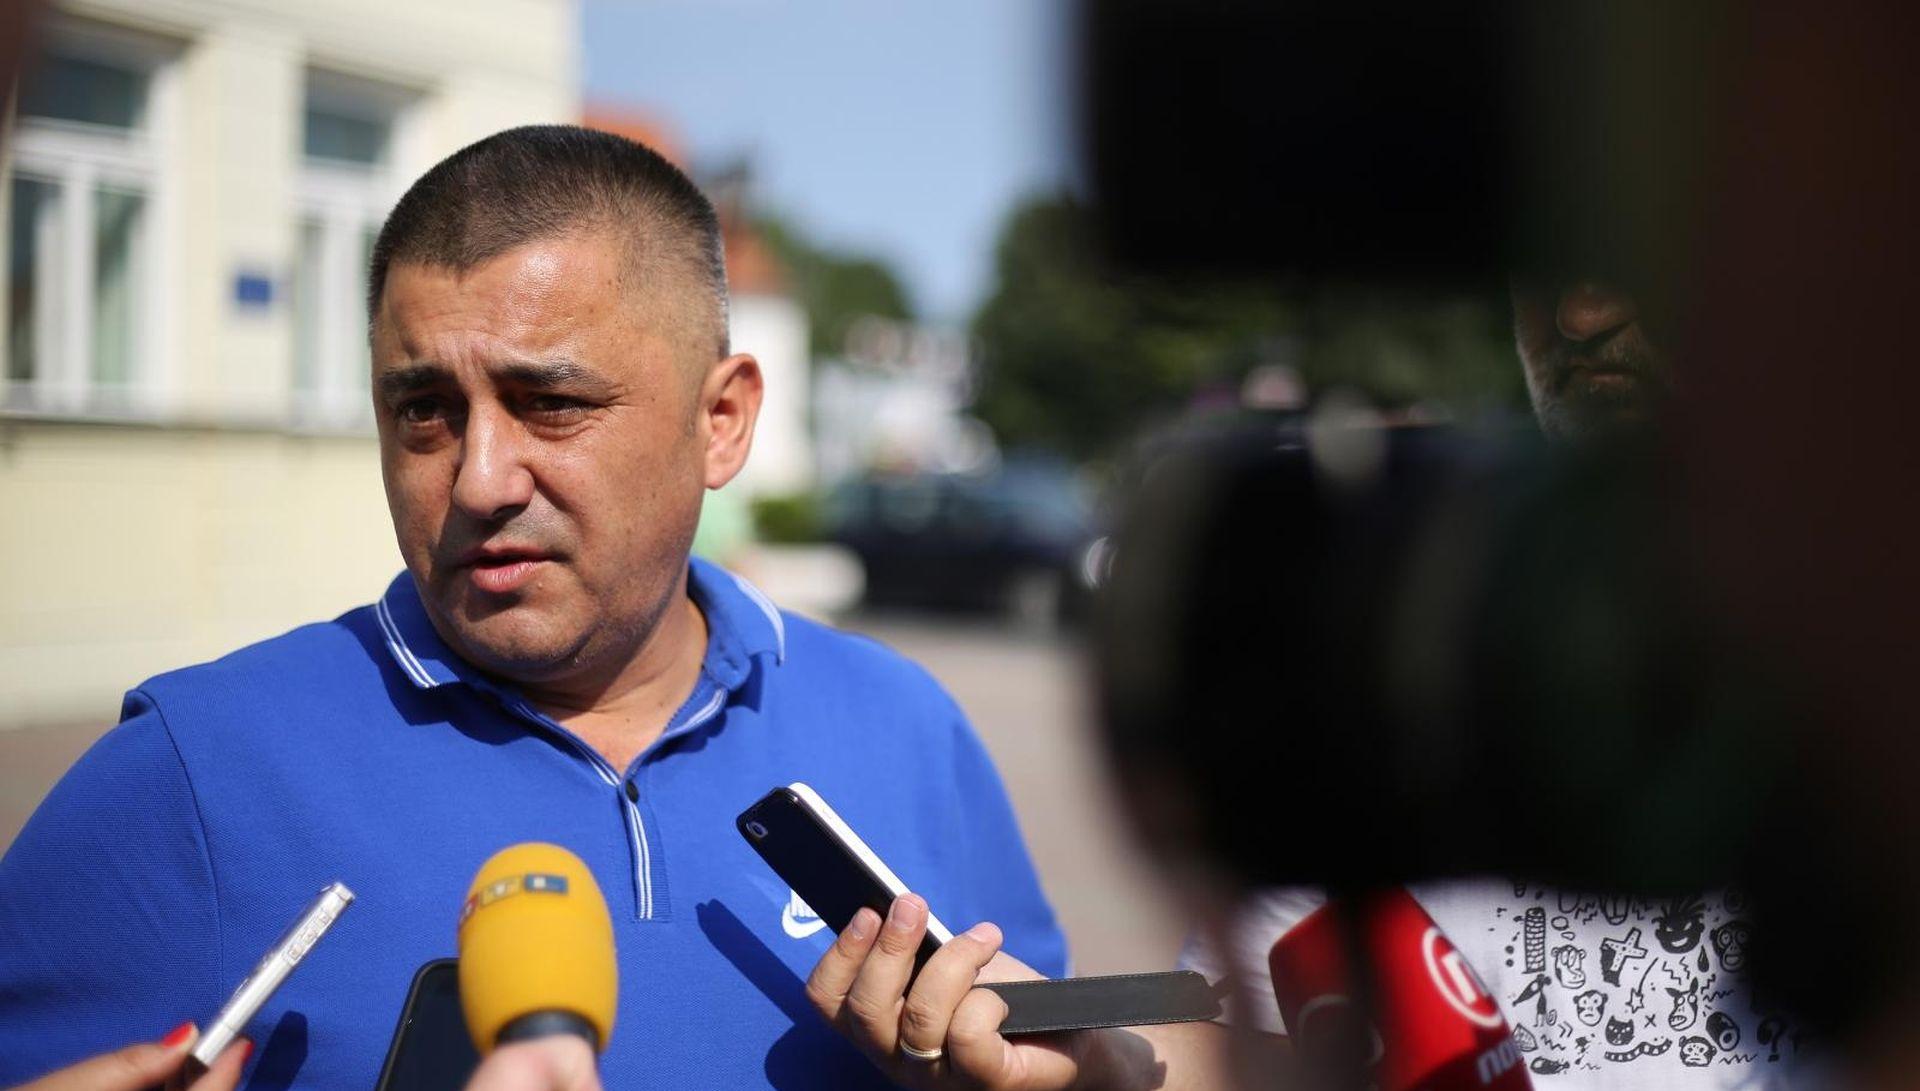 Vinković nepravomoćno osuđen na 10 mjeseci zatvora